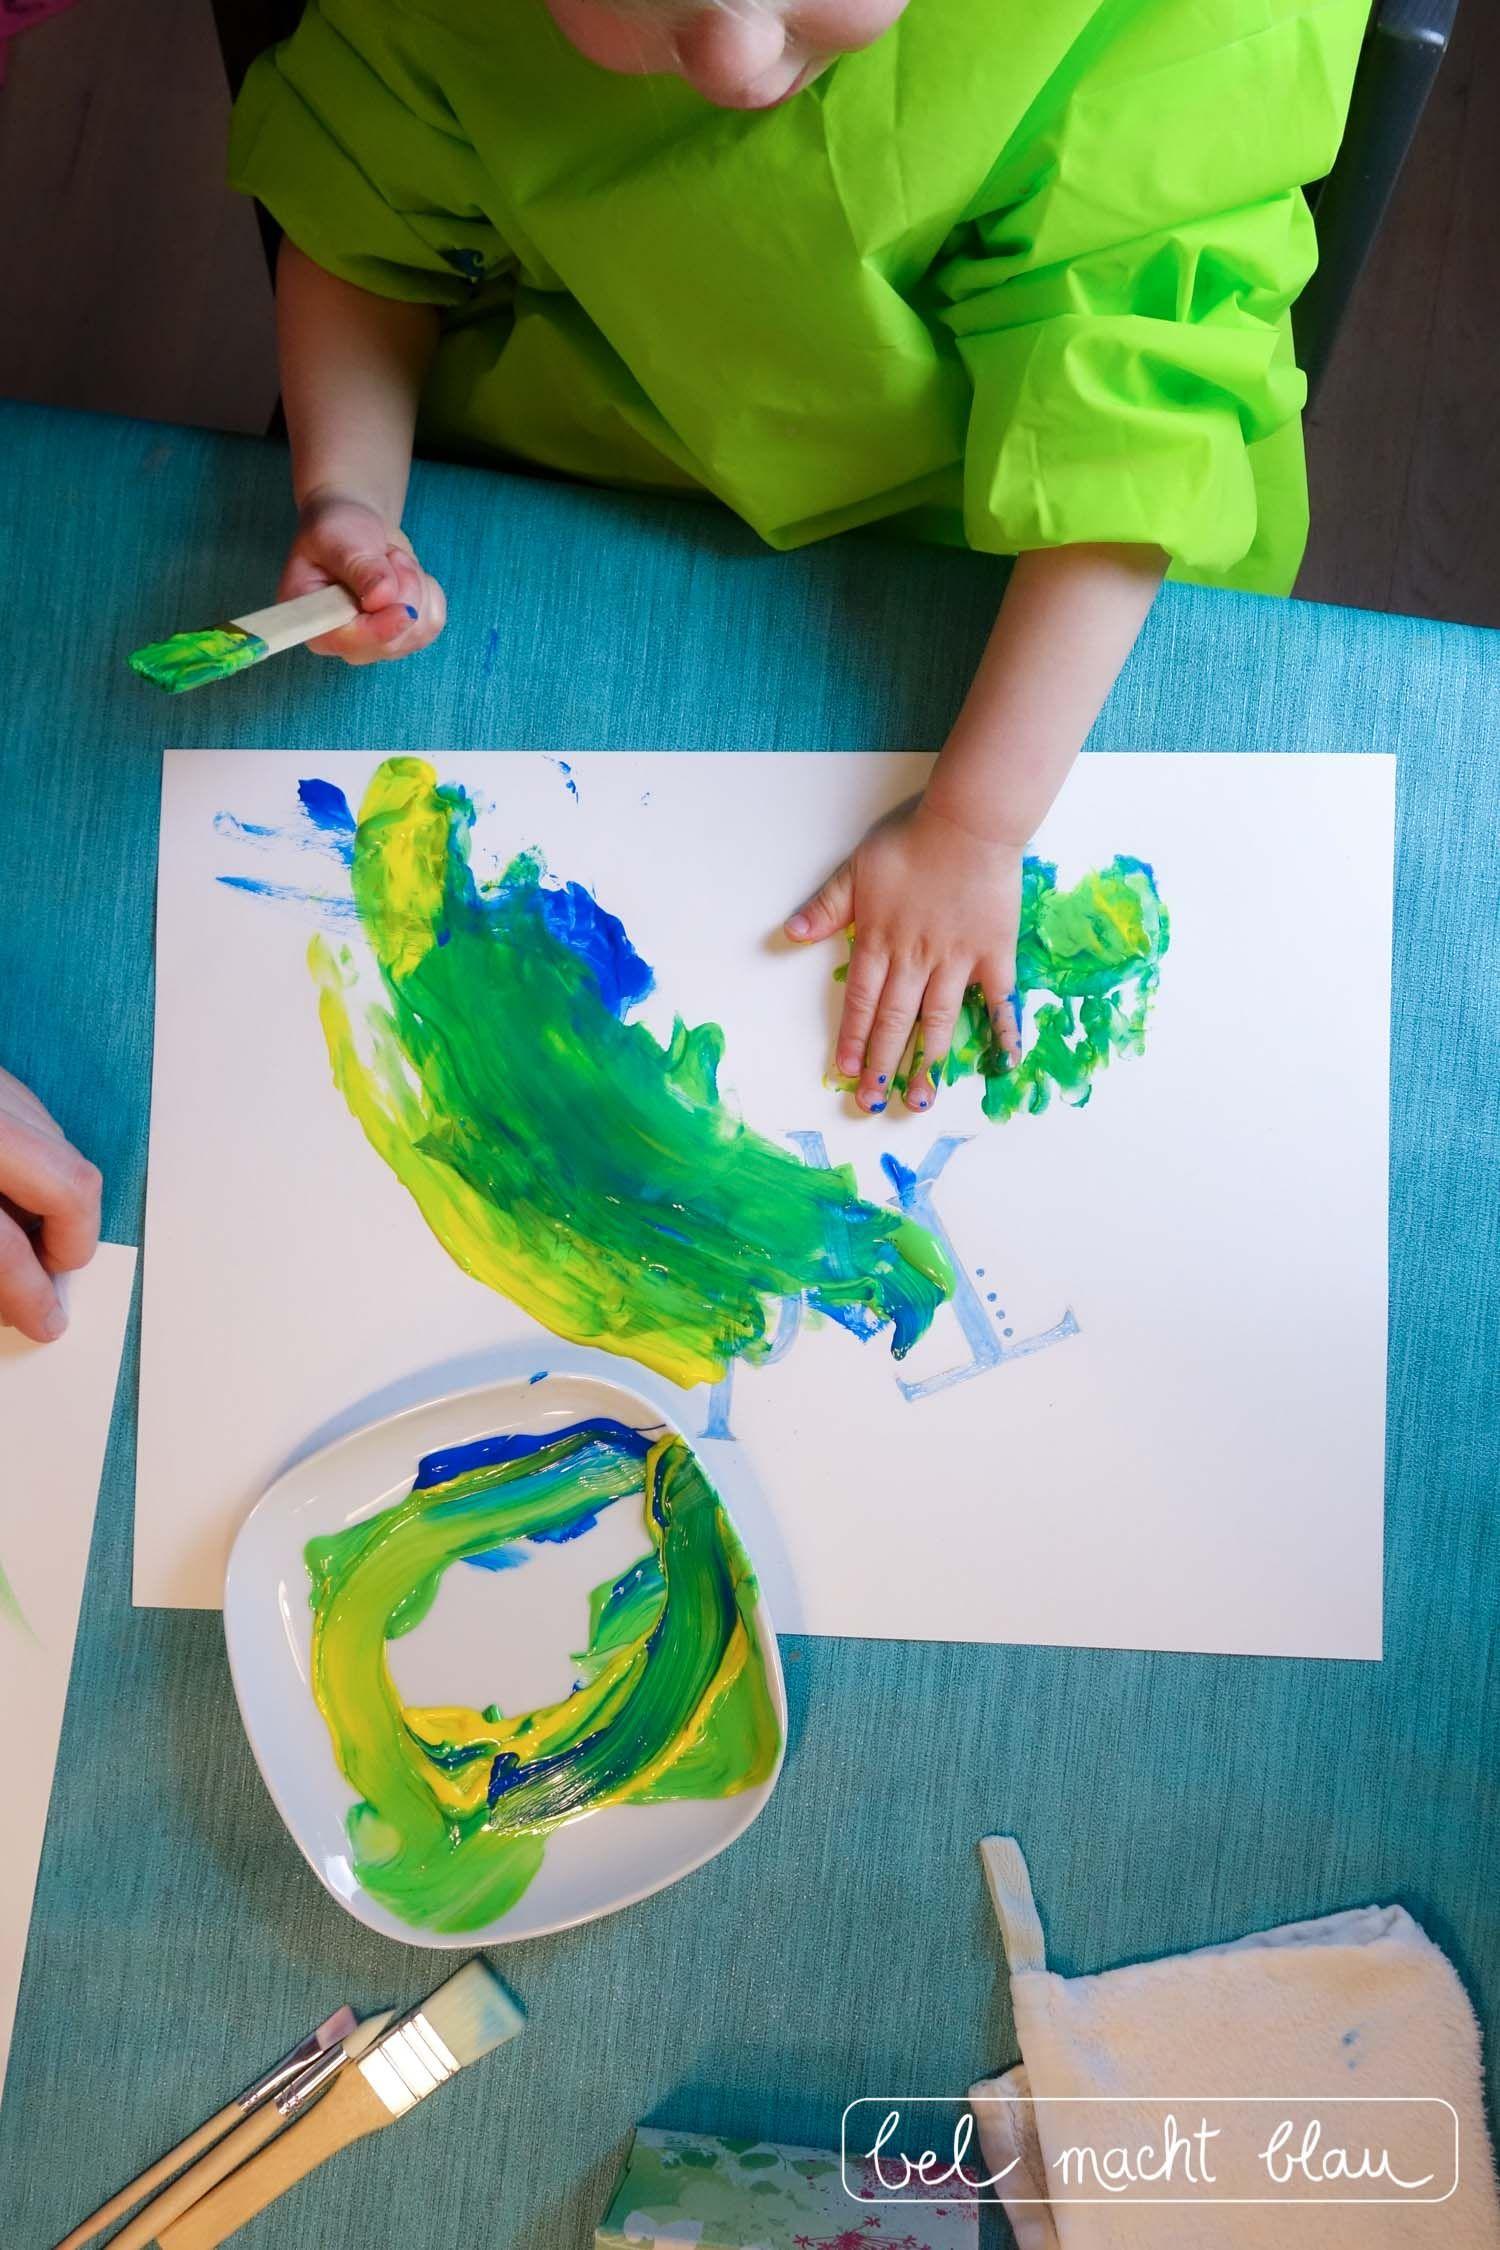 Malen Mit Kleinkindern Tipps Für Farben Und Das Bunte Drumherum Enthält Werbung Bel Macht Blau Kleinkind Kinder Kinder Basteln Ideen